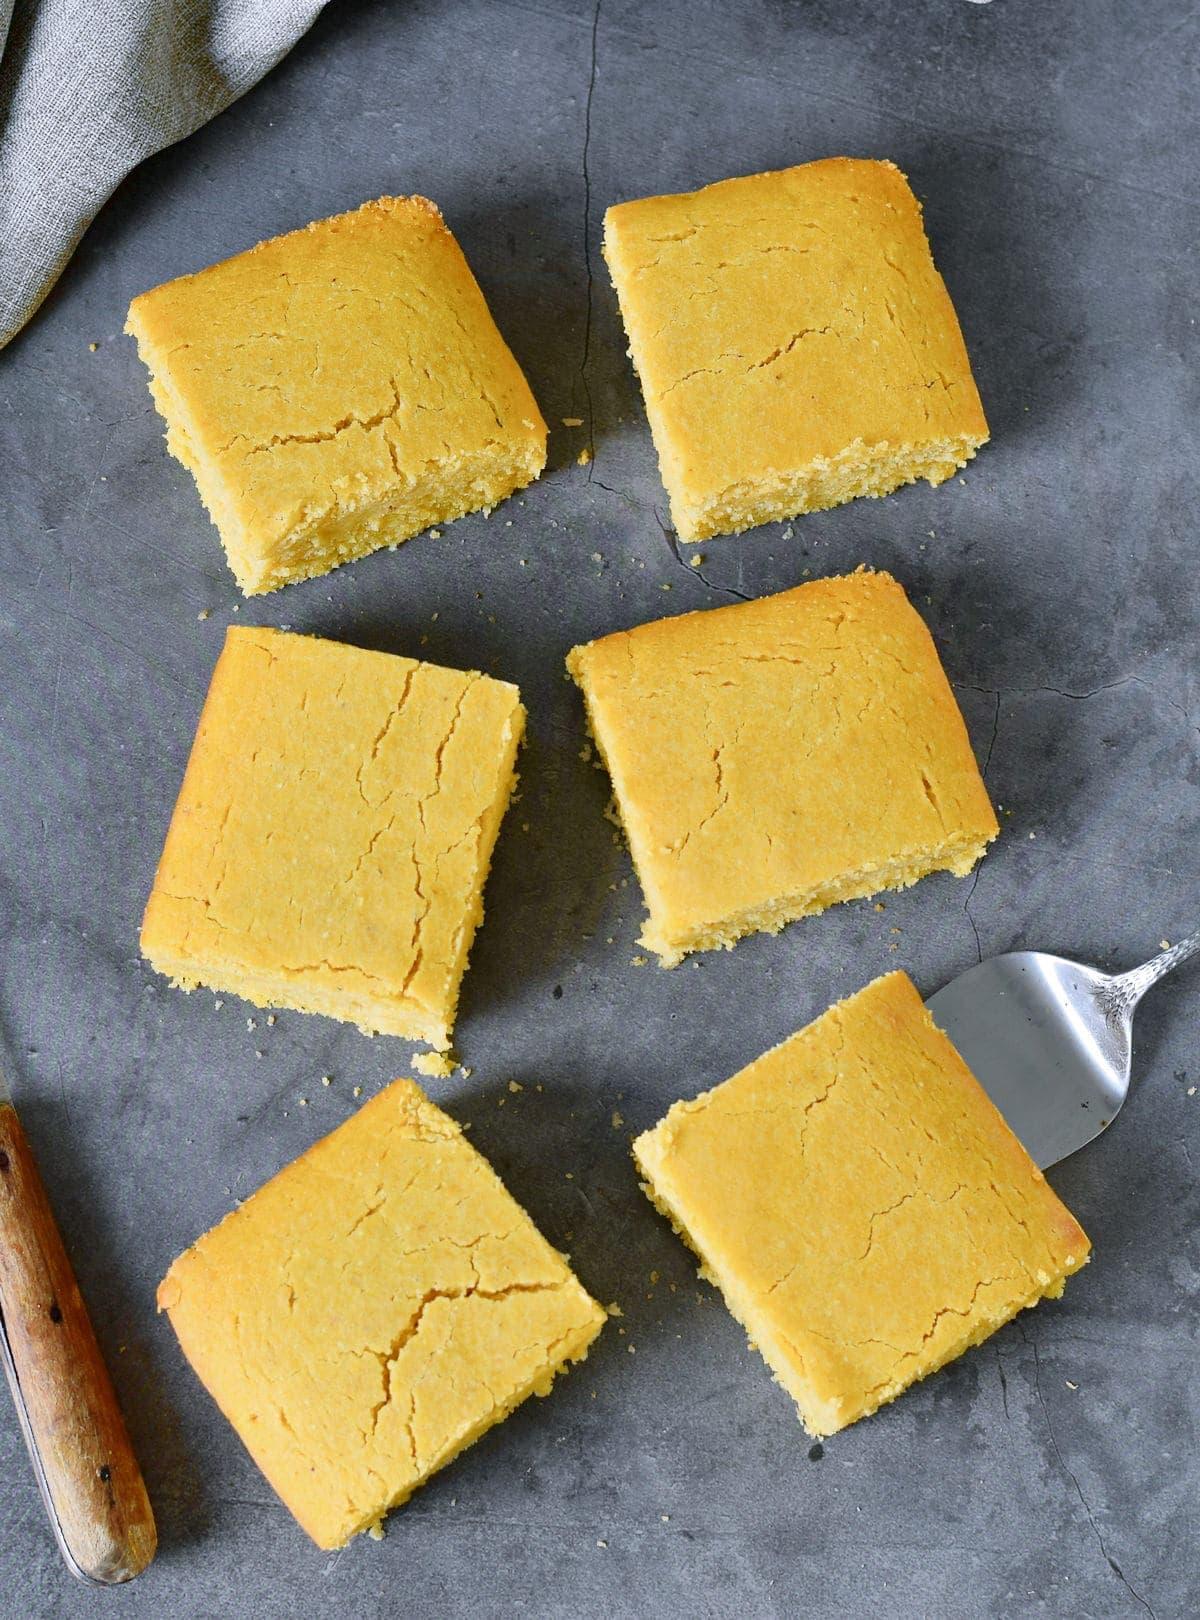 6 Stücke glutenfreies Mais Brot von oben